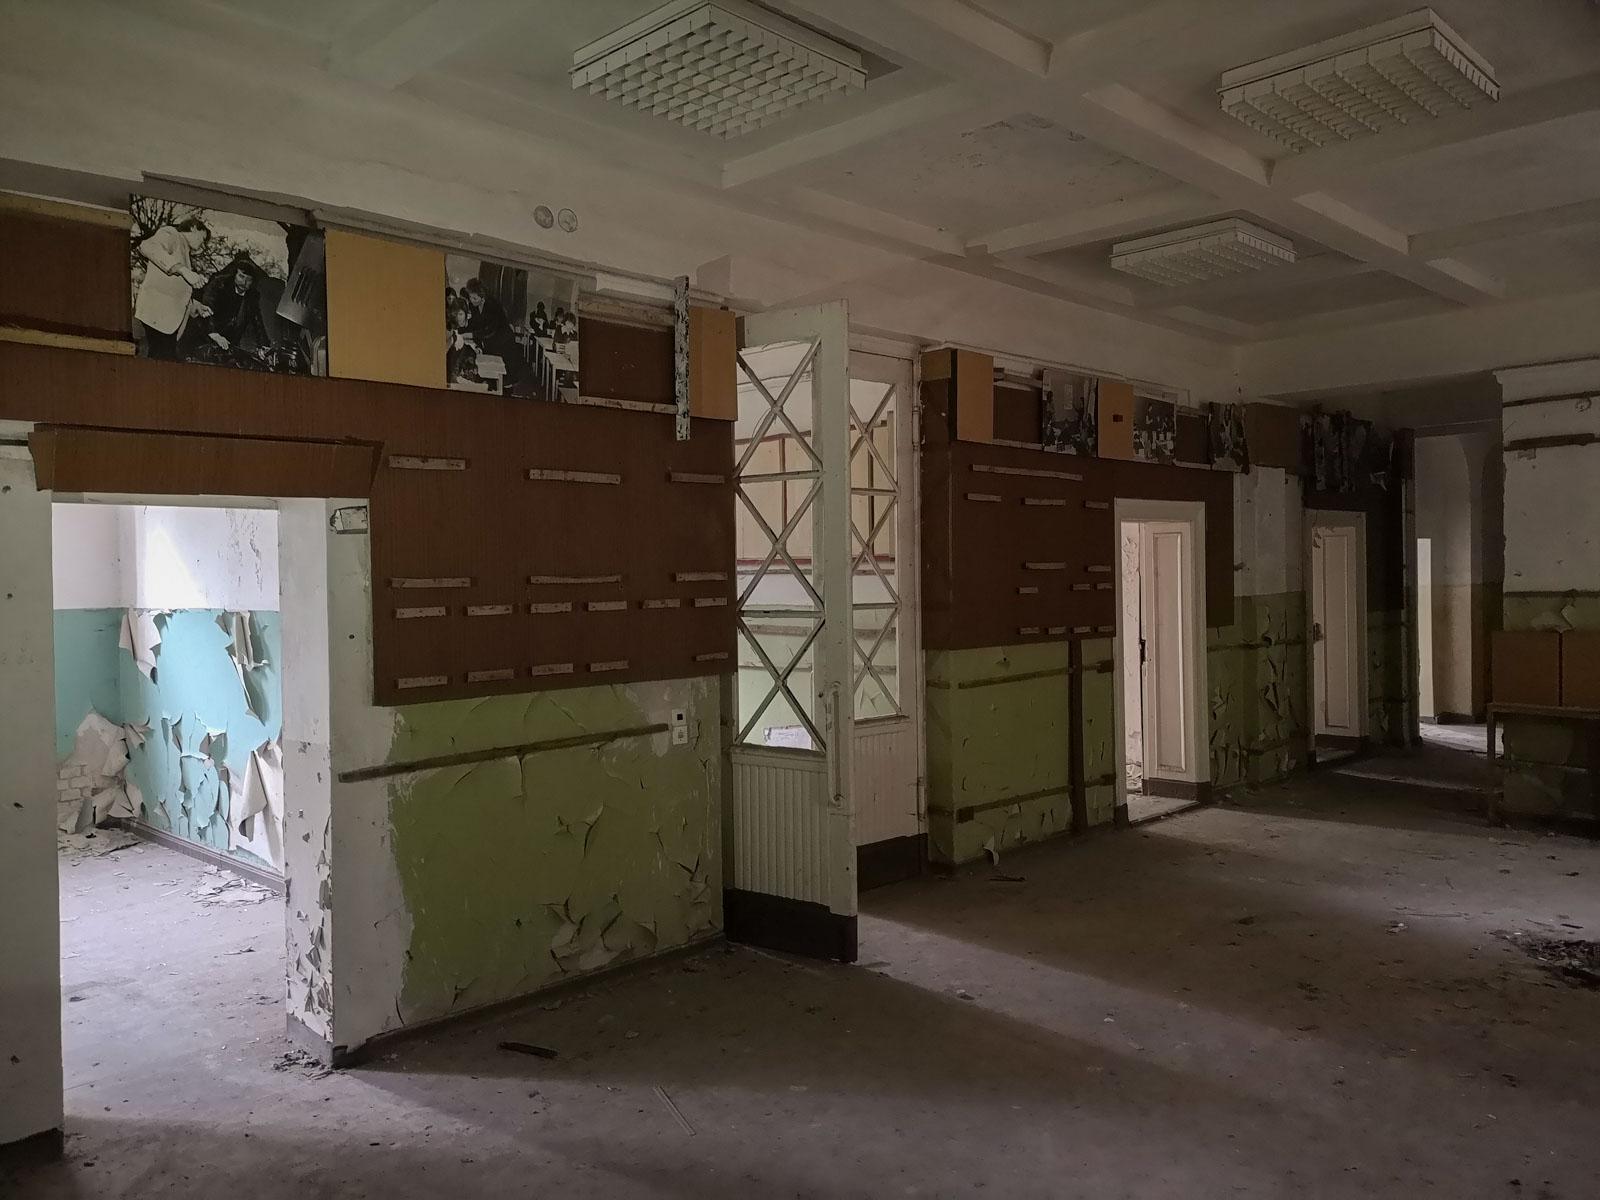 Flur in verlassener sowjetischer Schule Brandenburg